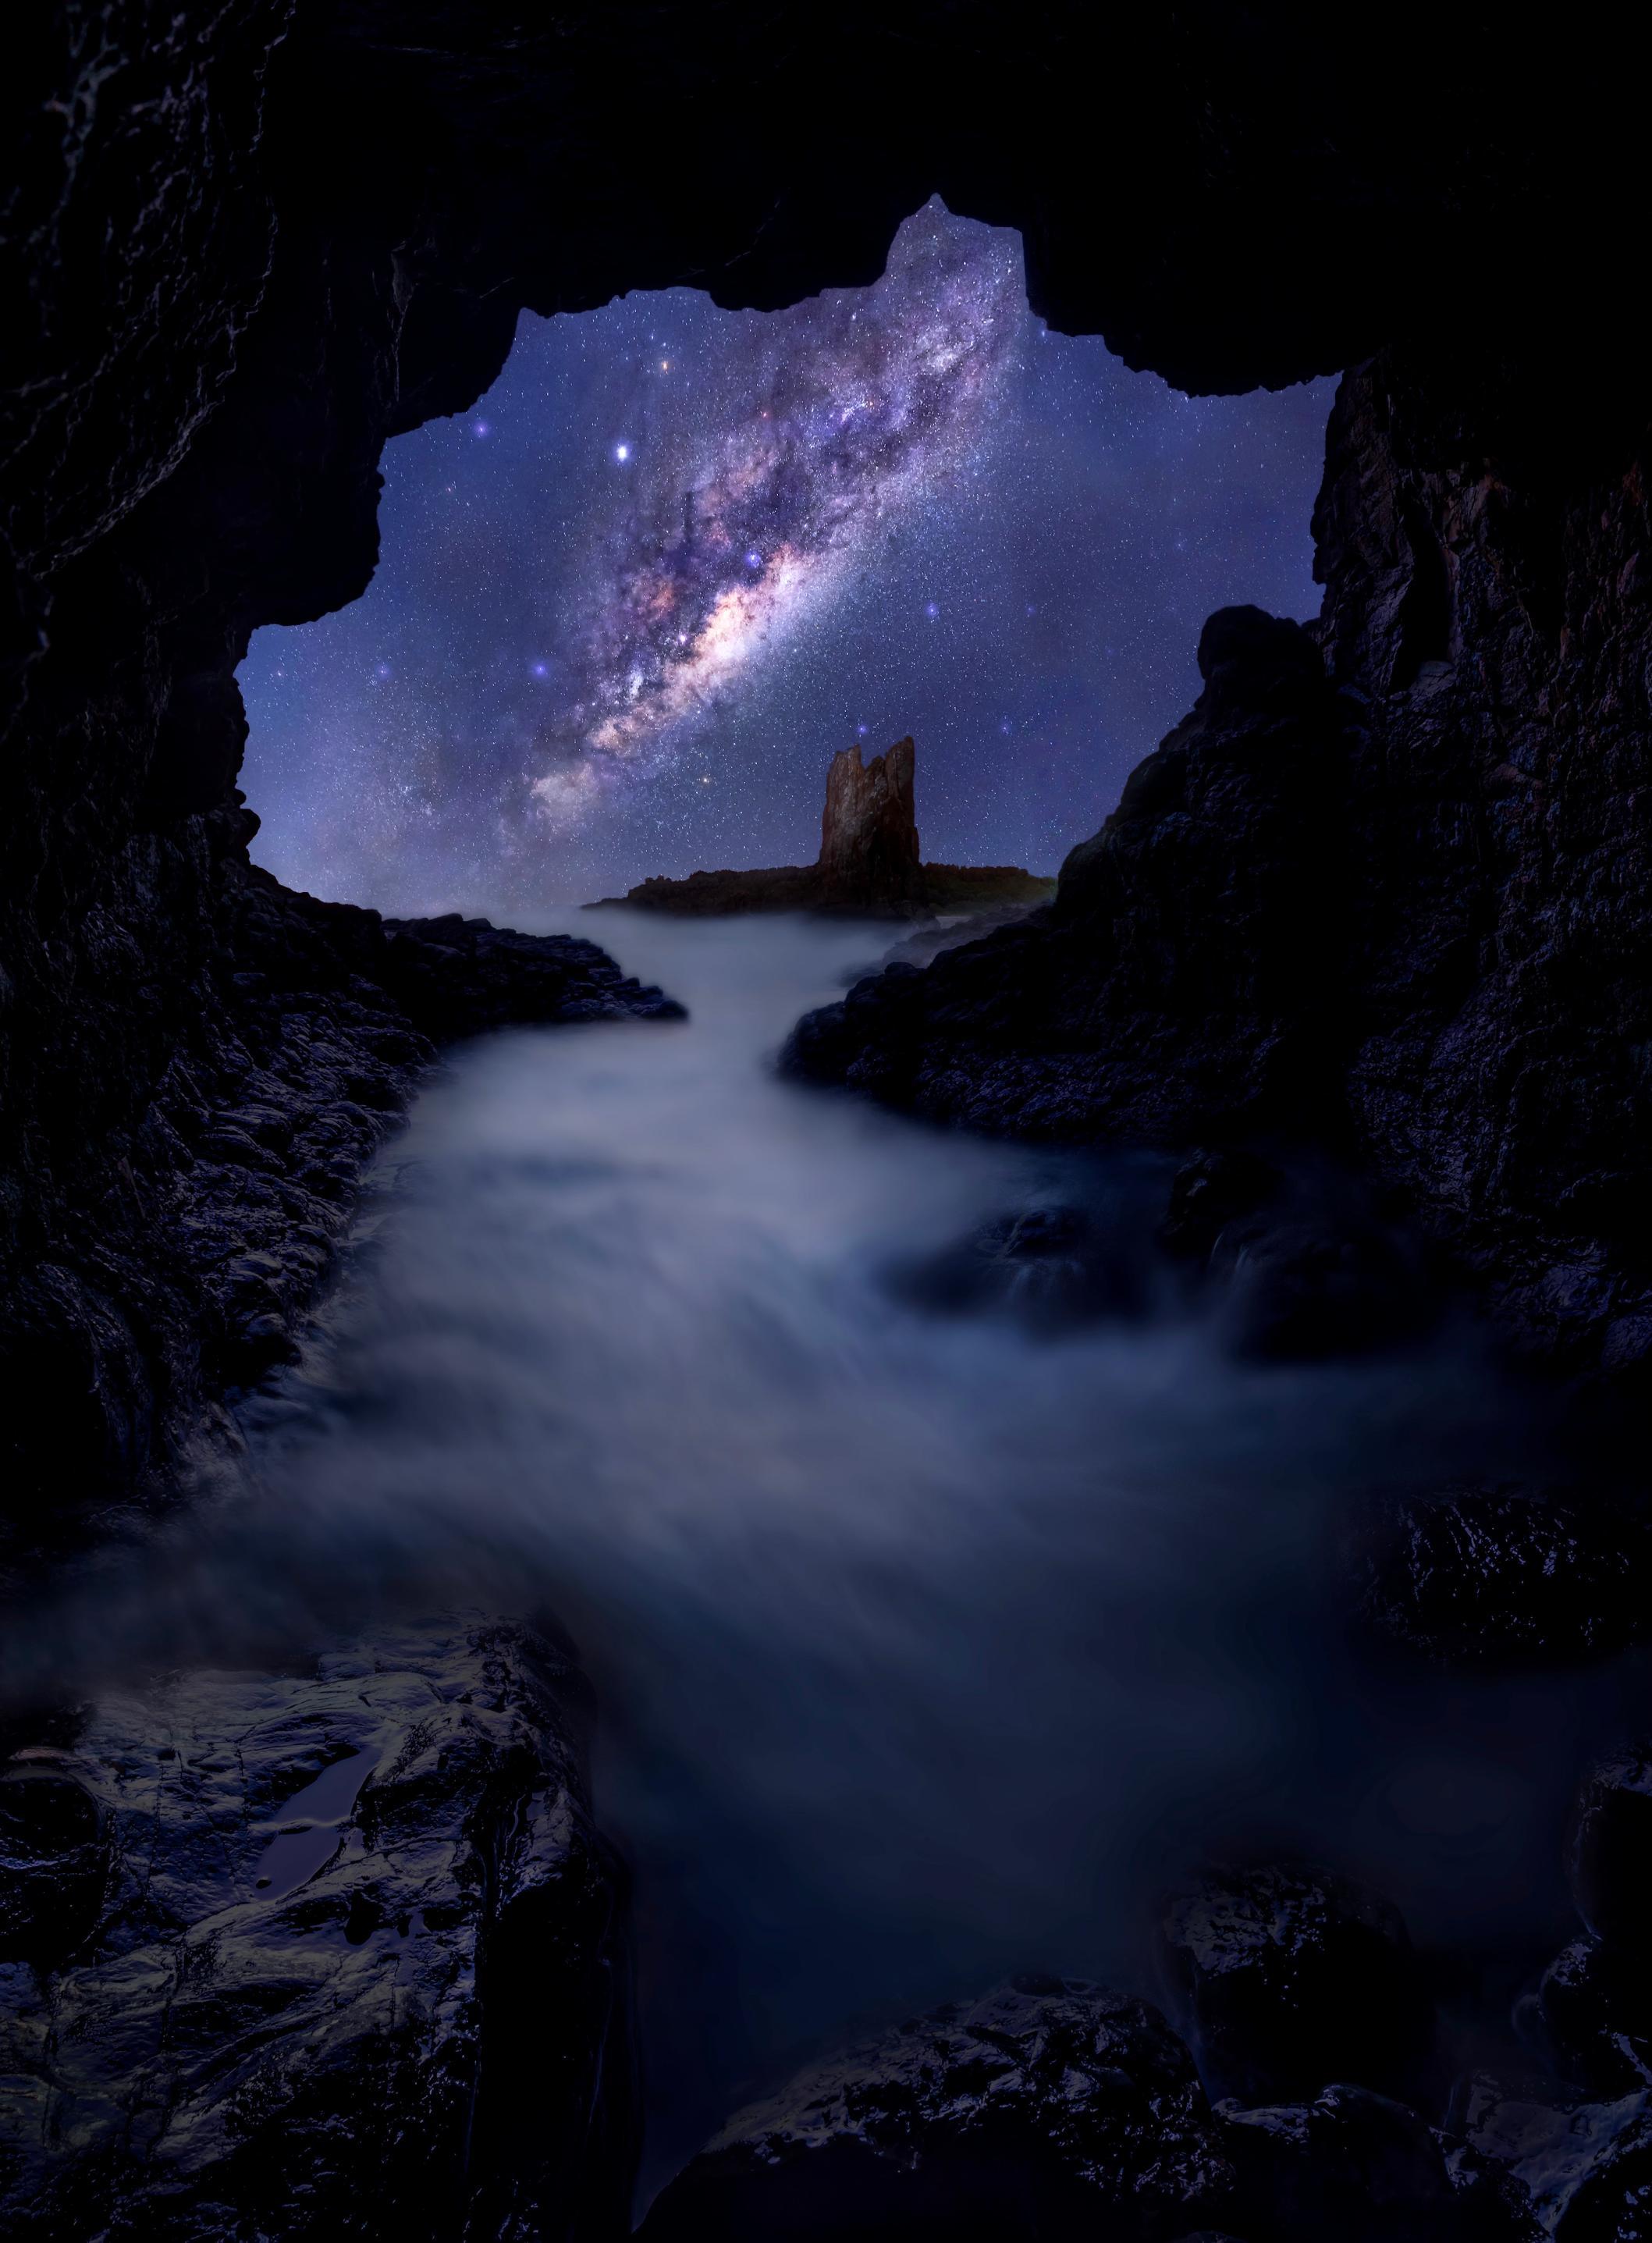 hk_c_3、Grace 荷花 教堂石洞穴的璀璨銀河. 澳洲 紐省南部海岸Cathedral Rocks - Kiama Dawn.在滿天繁星的夜晚,在岩石中踩着海水進入這不到3米長,1.5米寬的岩石洞穴中,守候着銀河娘娘緩緩升起......這些火山岩形成區位於瓊斯海灘南端的凱亞馬以北僅三公里處,是地質引人入勝的海岸線的一部分,自1890年以來一直吸引着觀光者。儘管極度艱難,但許多岩石已被侵蝕.jpeg